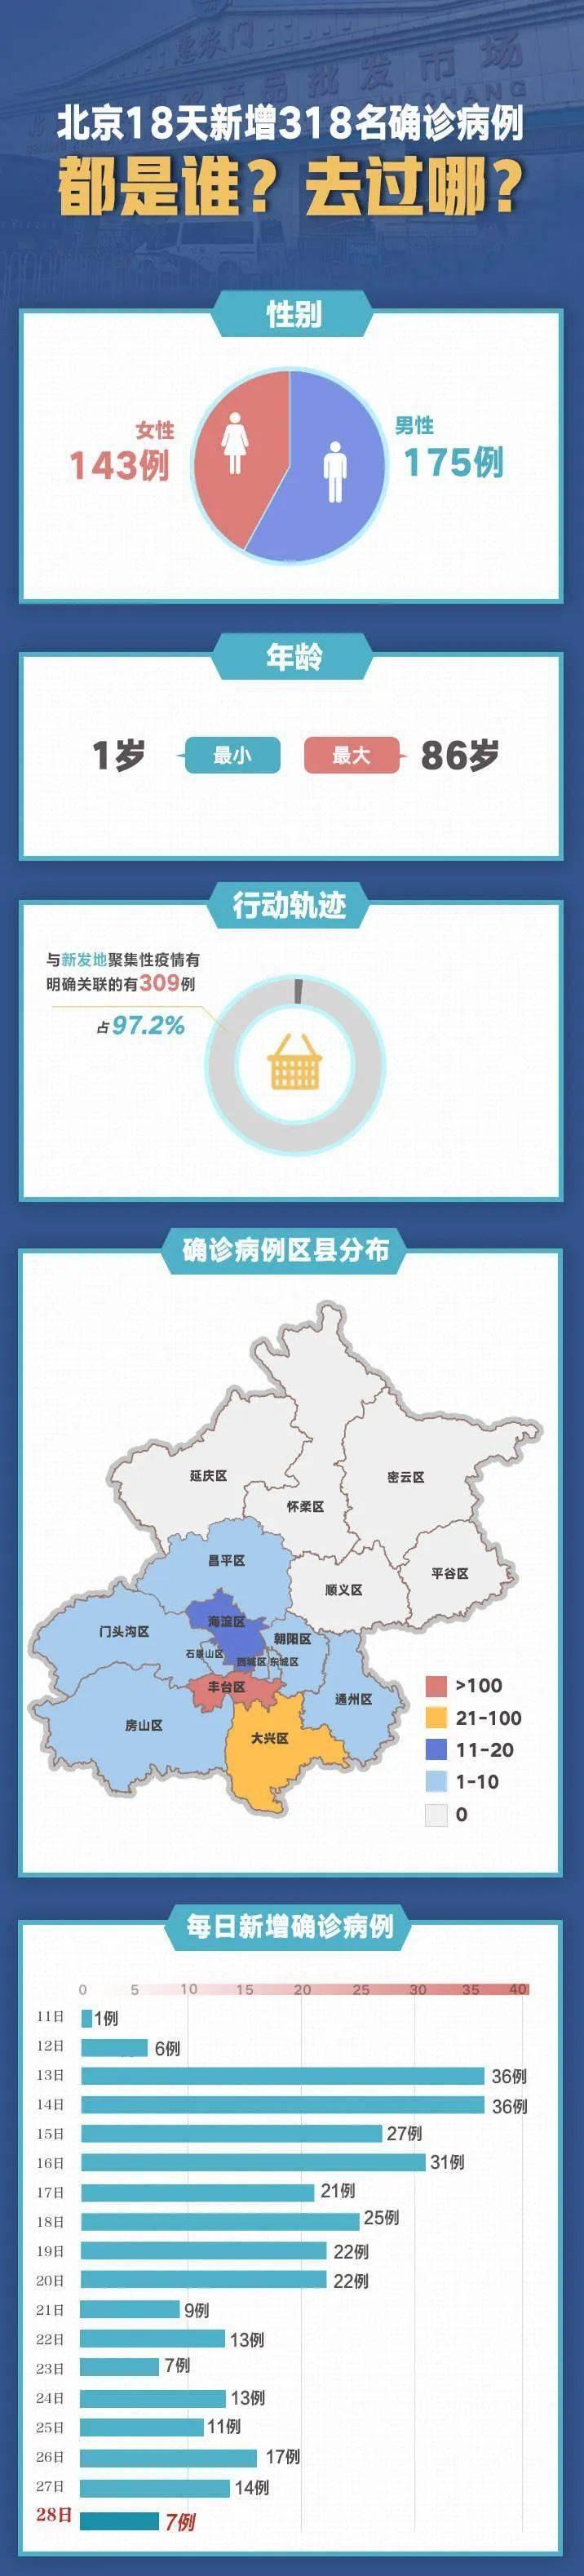 扩散!北京18天新增318例,都是谁?去过哪?